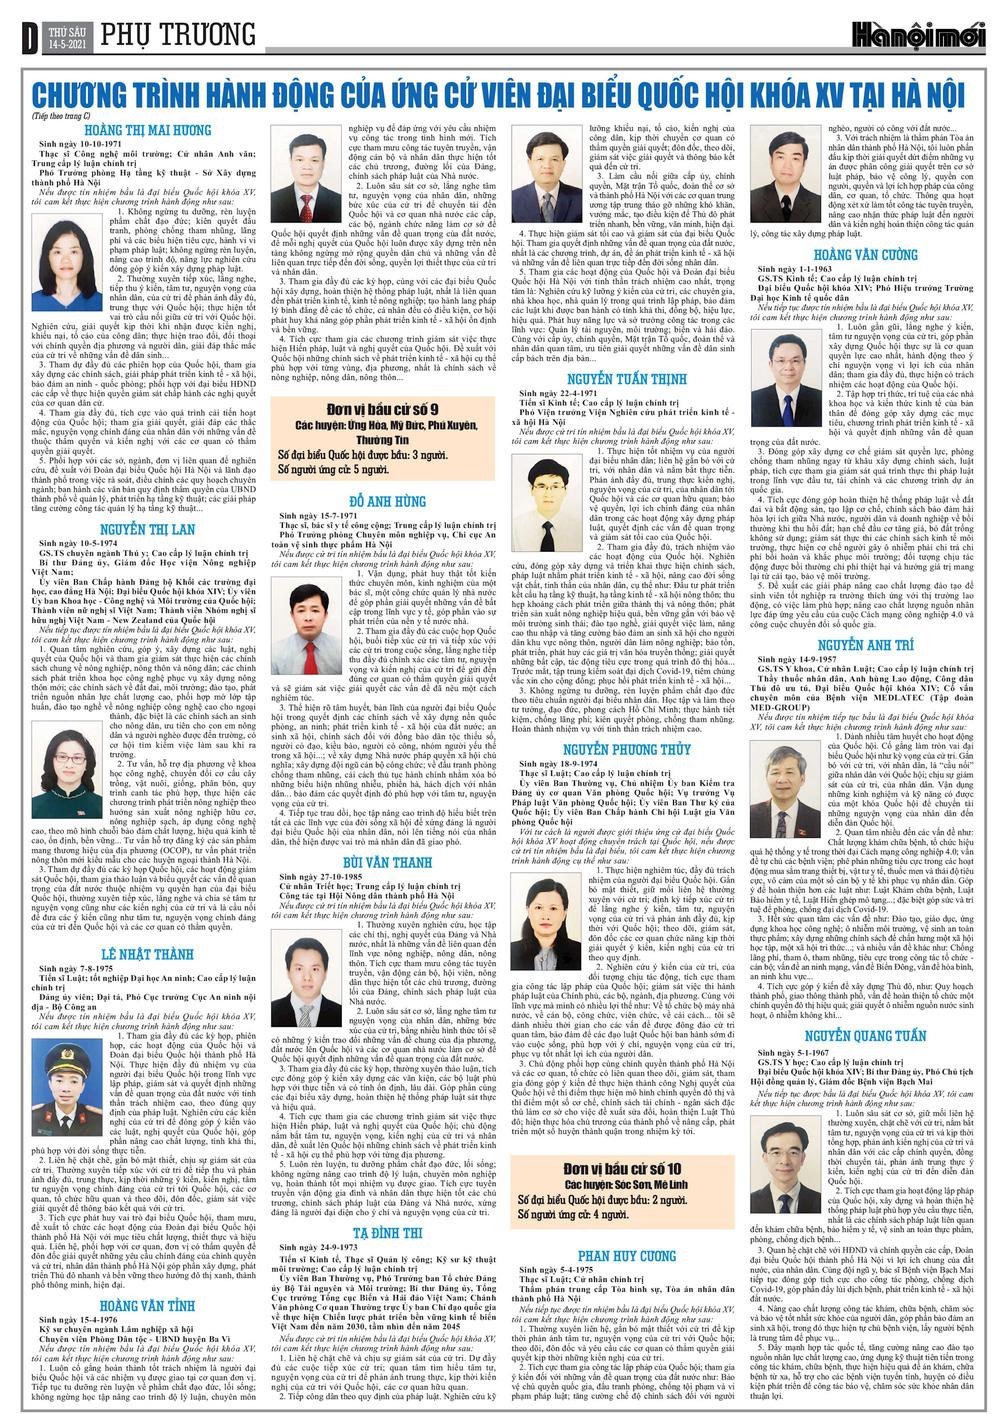 Chương trình hành động của các ứng cử viên đại biểu Quốc hội khóa XV tại Hà Nội - Ảnh 4.